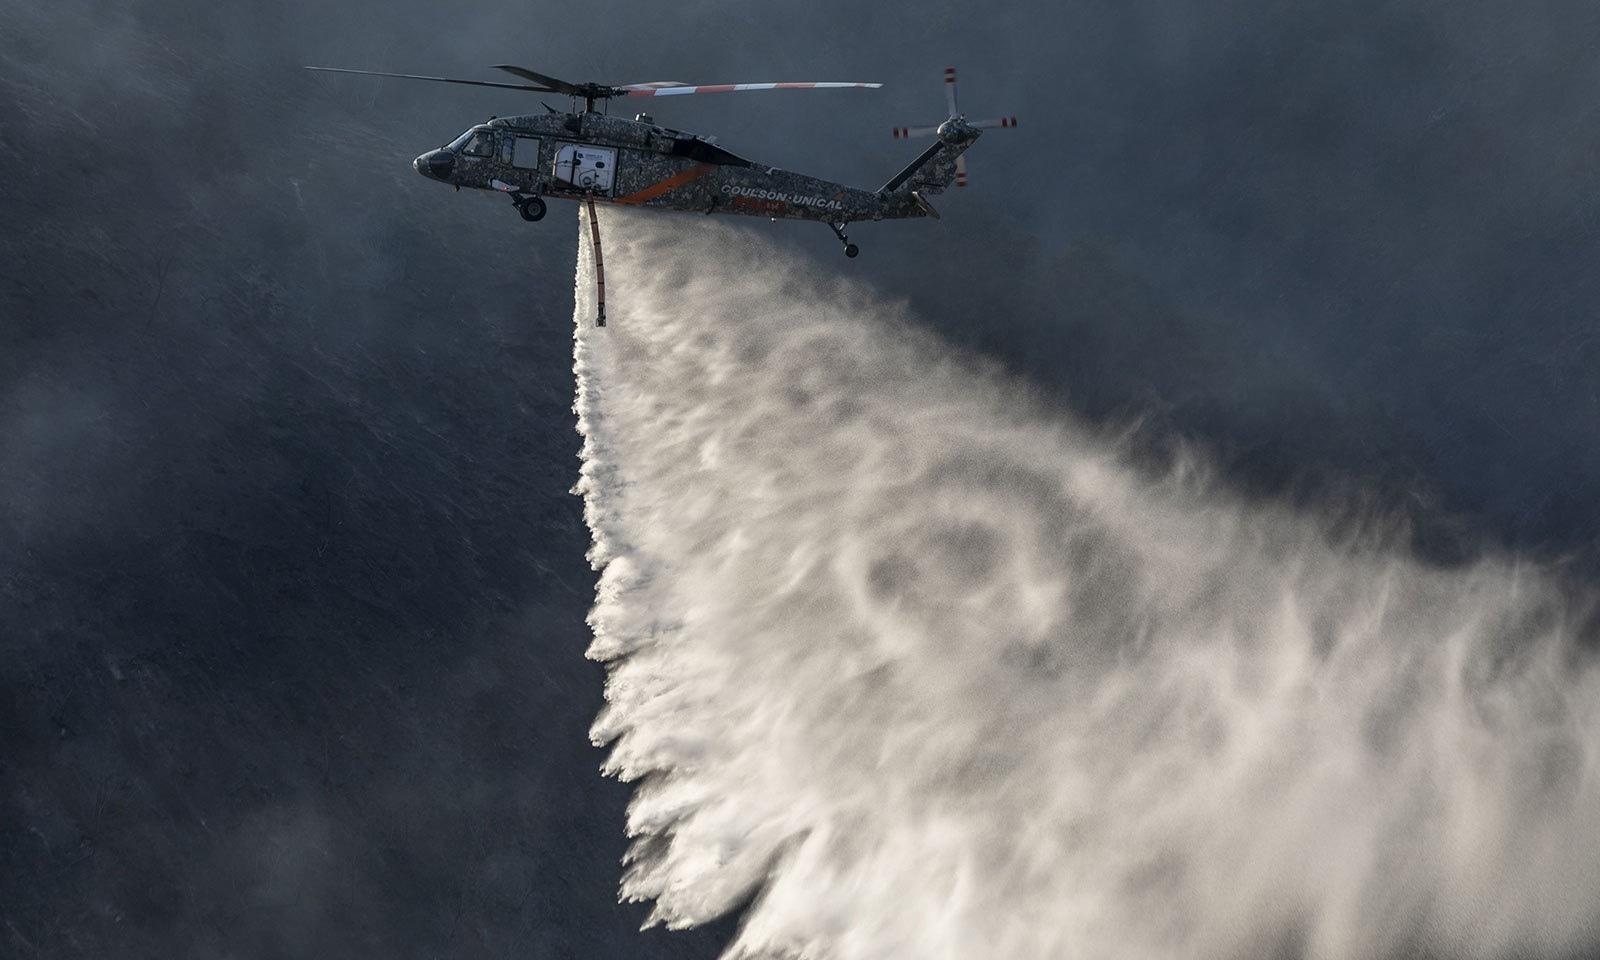 ونڈسر میں لگنے والی آگ نے ایک فارم کو بھی خاکستر کردیا—فوٹو:اے ایف پی